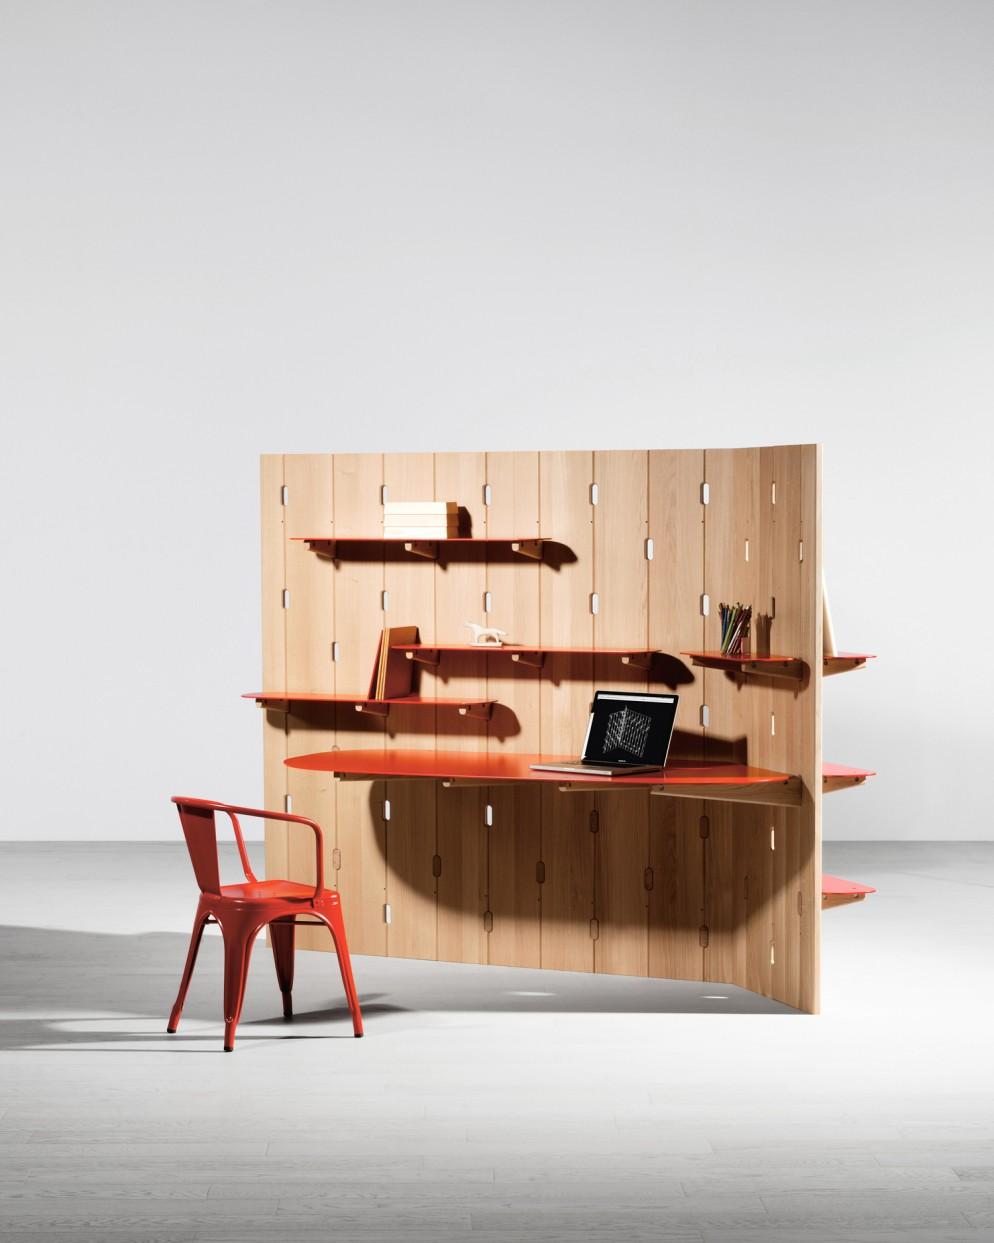 gilles-belley-parette-attrezzata-ufficio